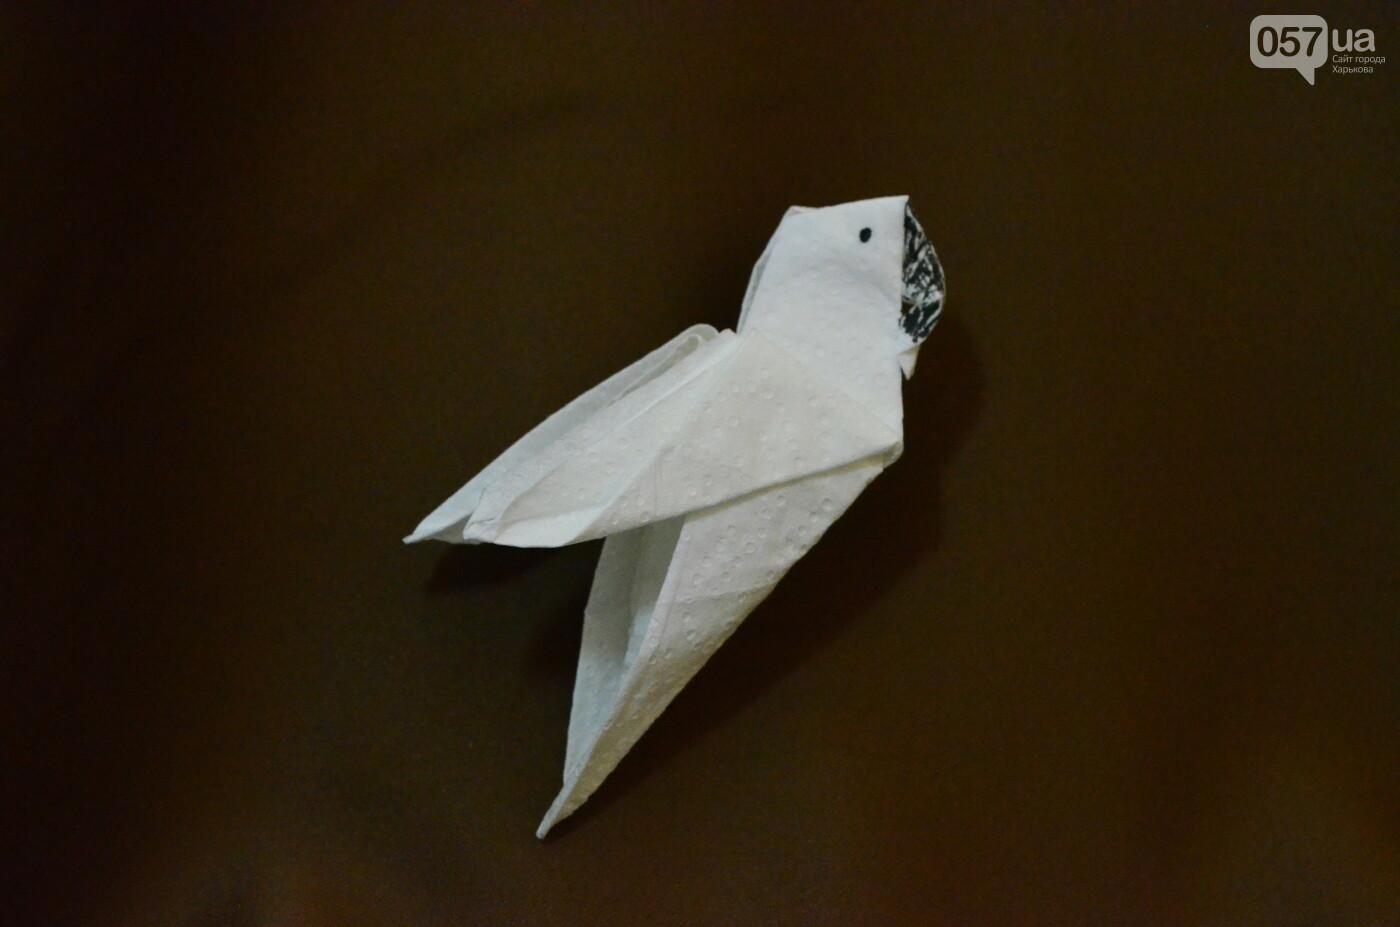 """ТОП-10 оригами из туалетной бумаги, если вы поддались панике и накупили ее """"побольше"""", - ФОТО, фото-13"""